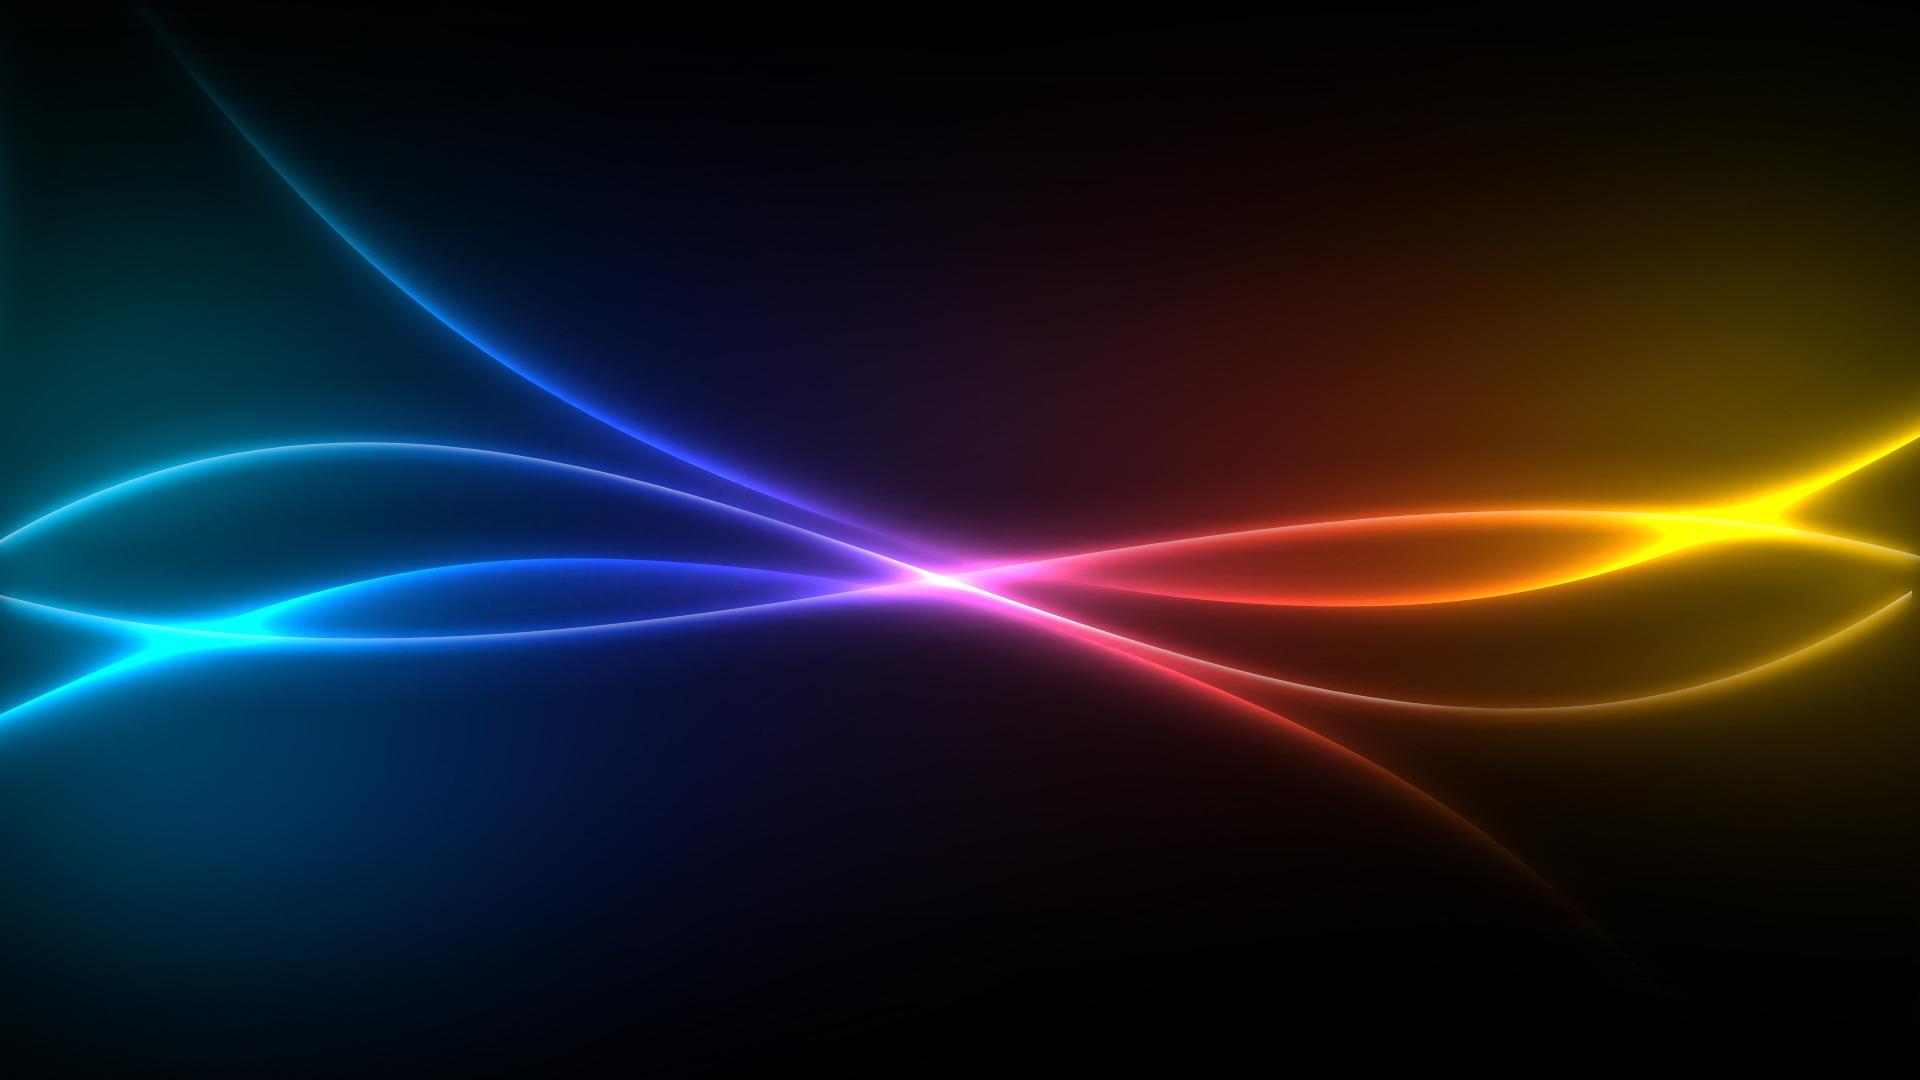 neon cross wallpaper